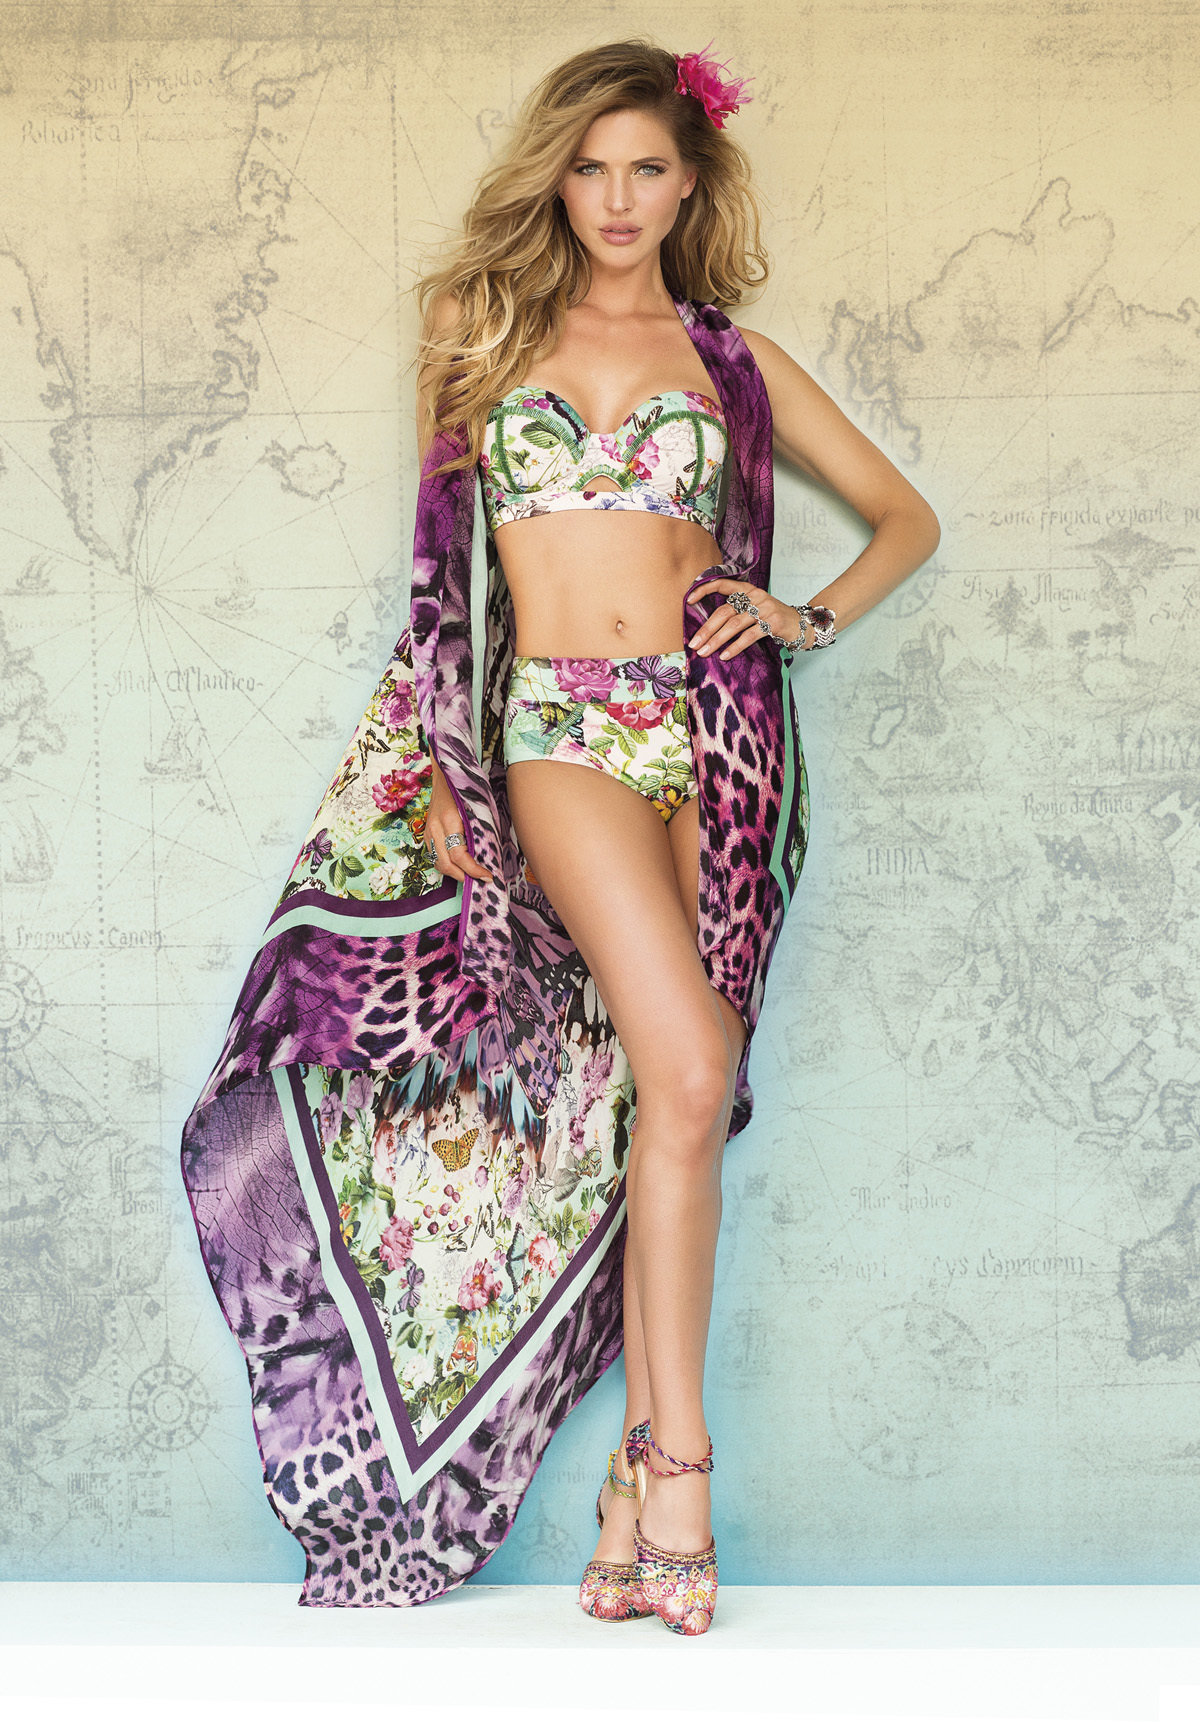 Paradizia Swimwear: Pink Butterflies High Waisted Bottoms (1 Left!)